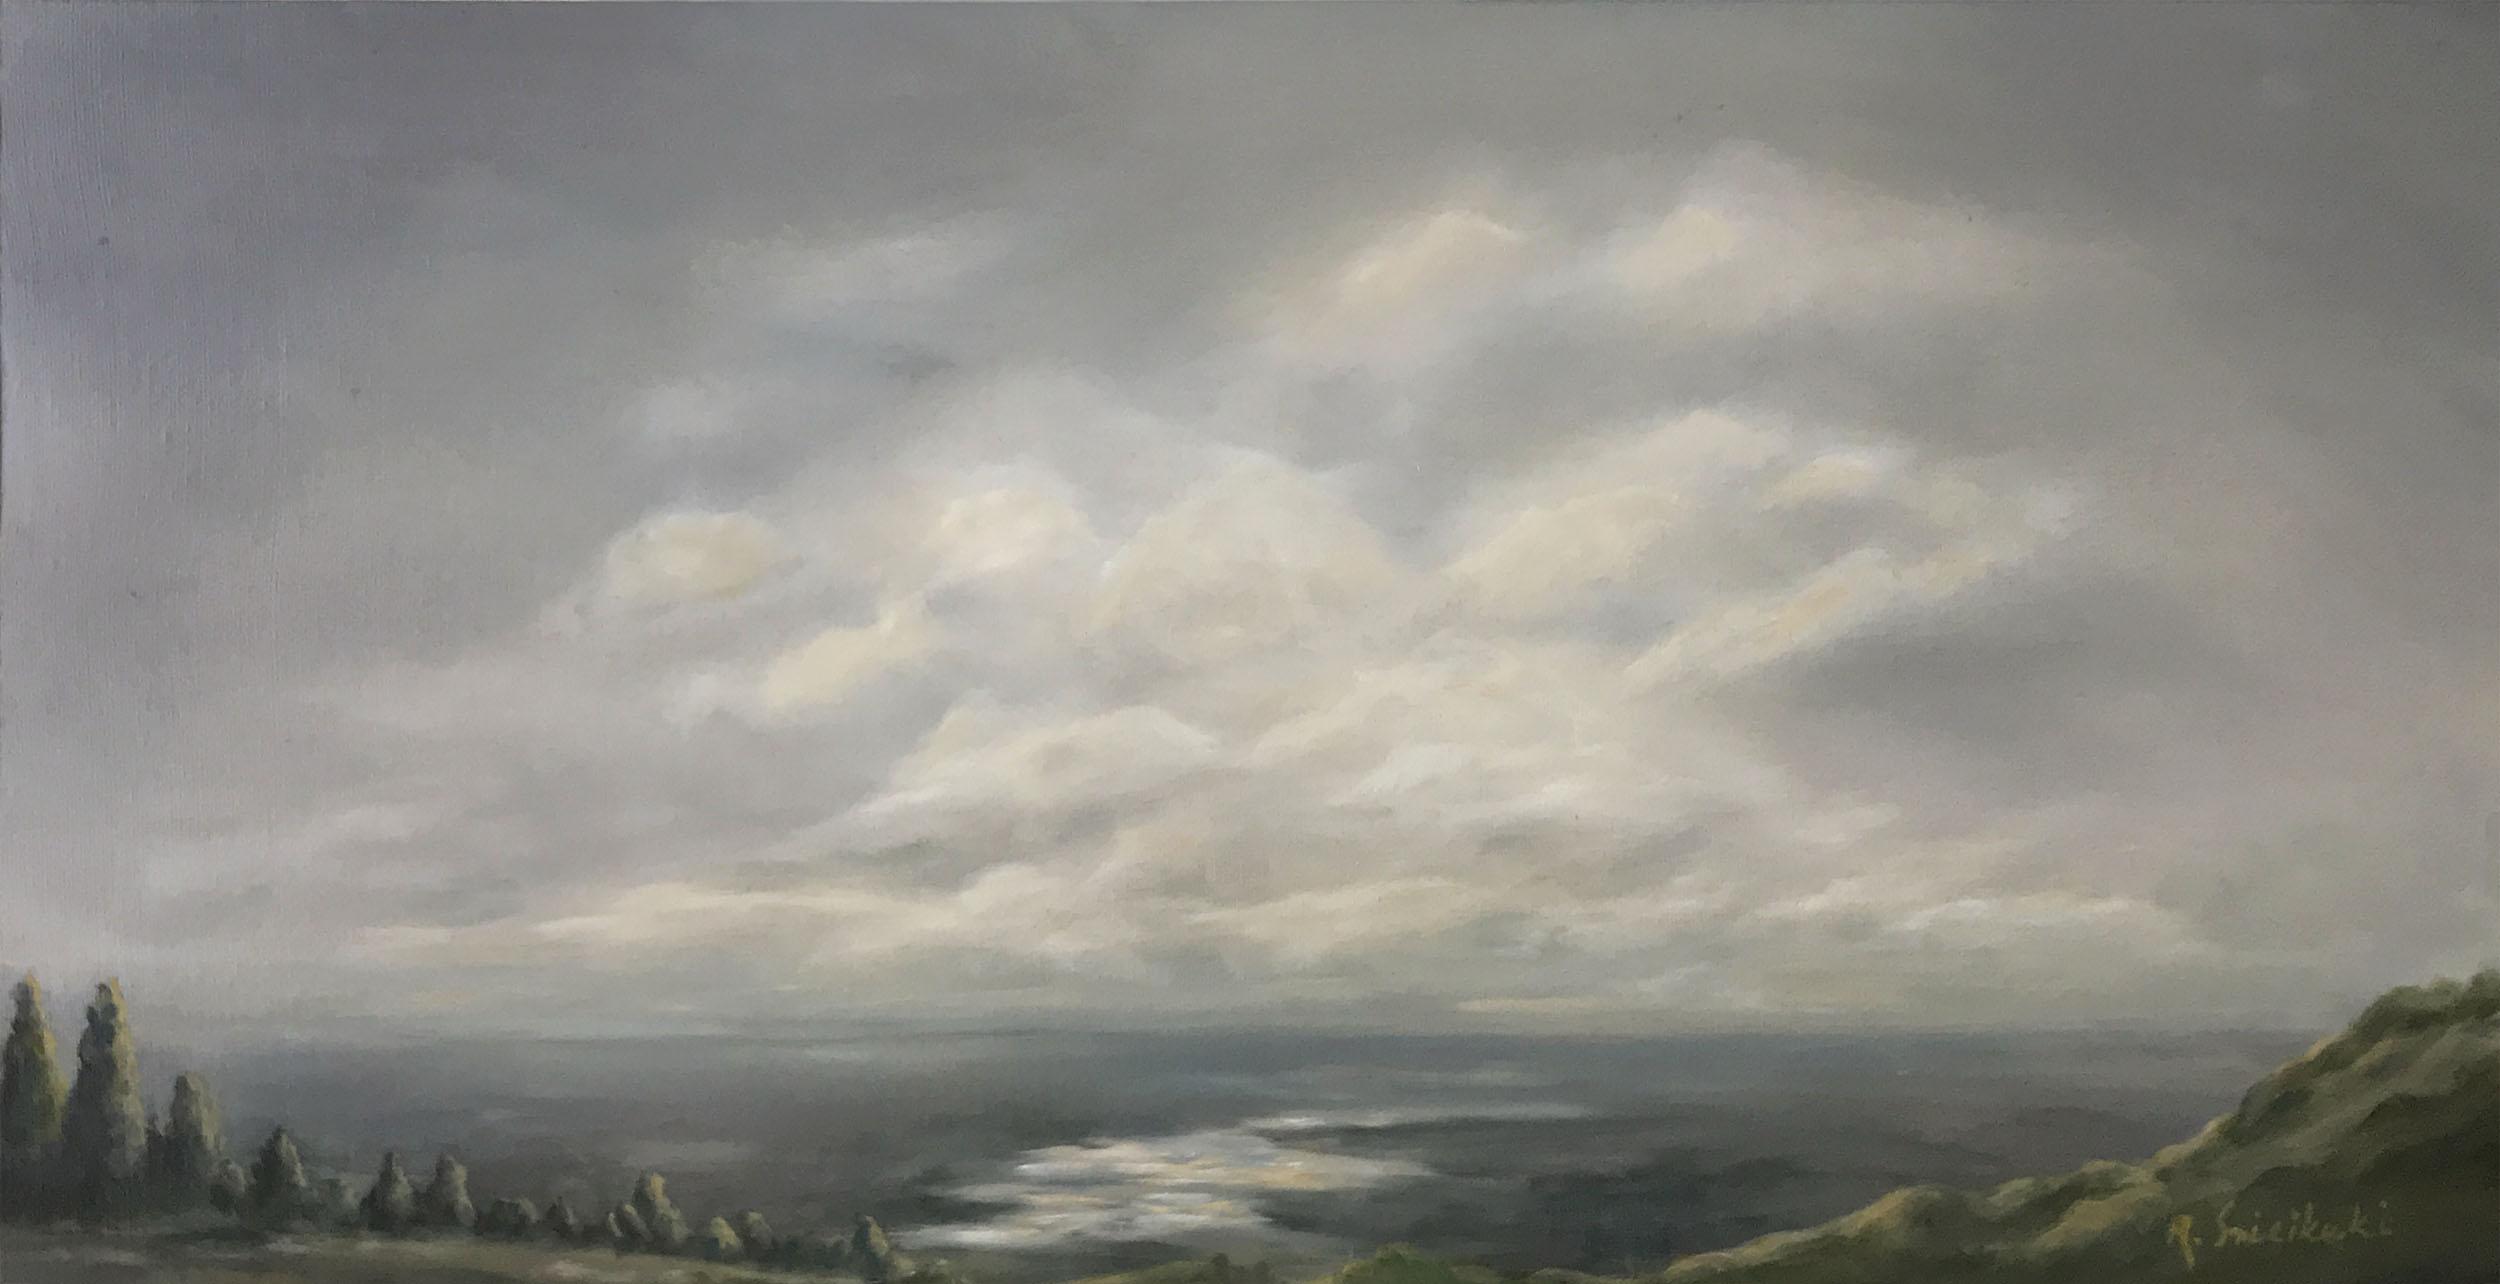 L'Angolo di Marta Lock (IE): Paesaggi romantici e atmosfere avvolgenti nelle opere di Renato Sniecik